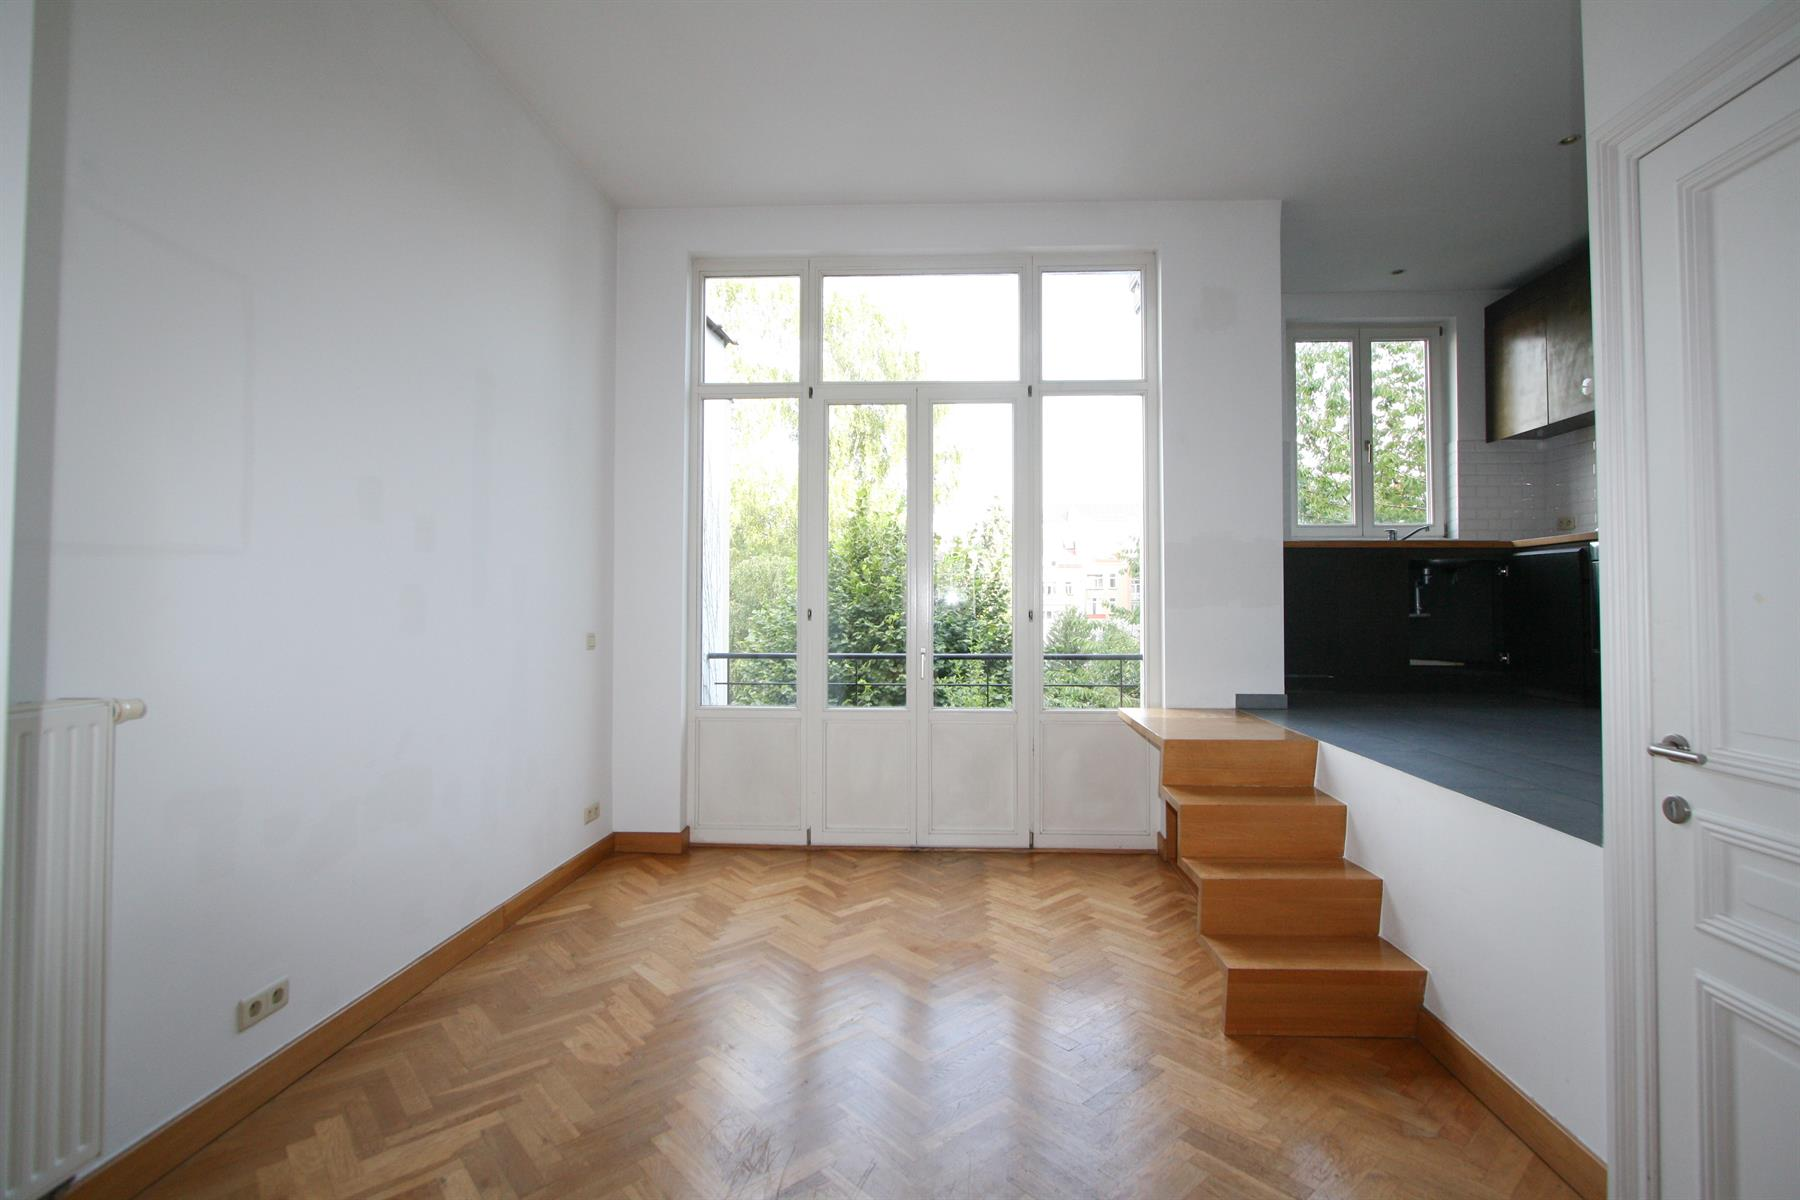 Appartement - Etterbeek - #4448025-3